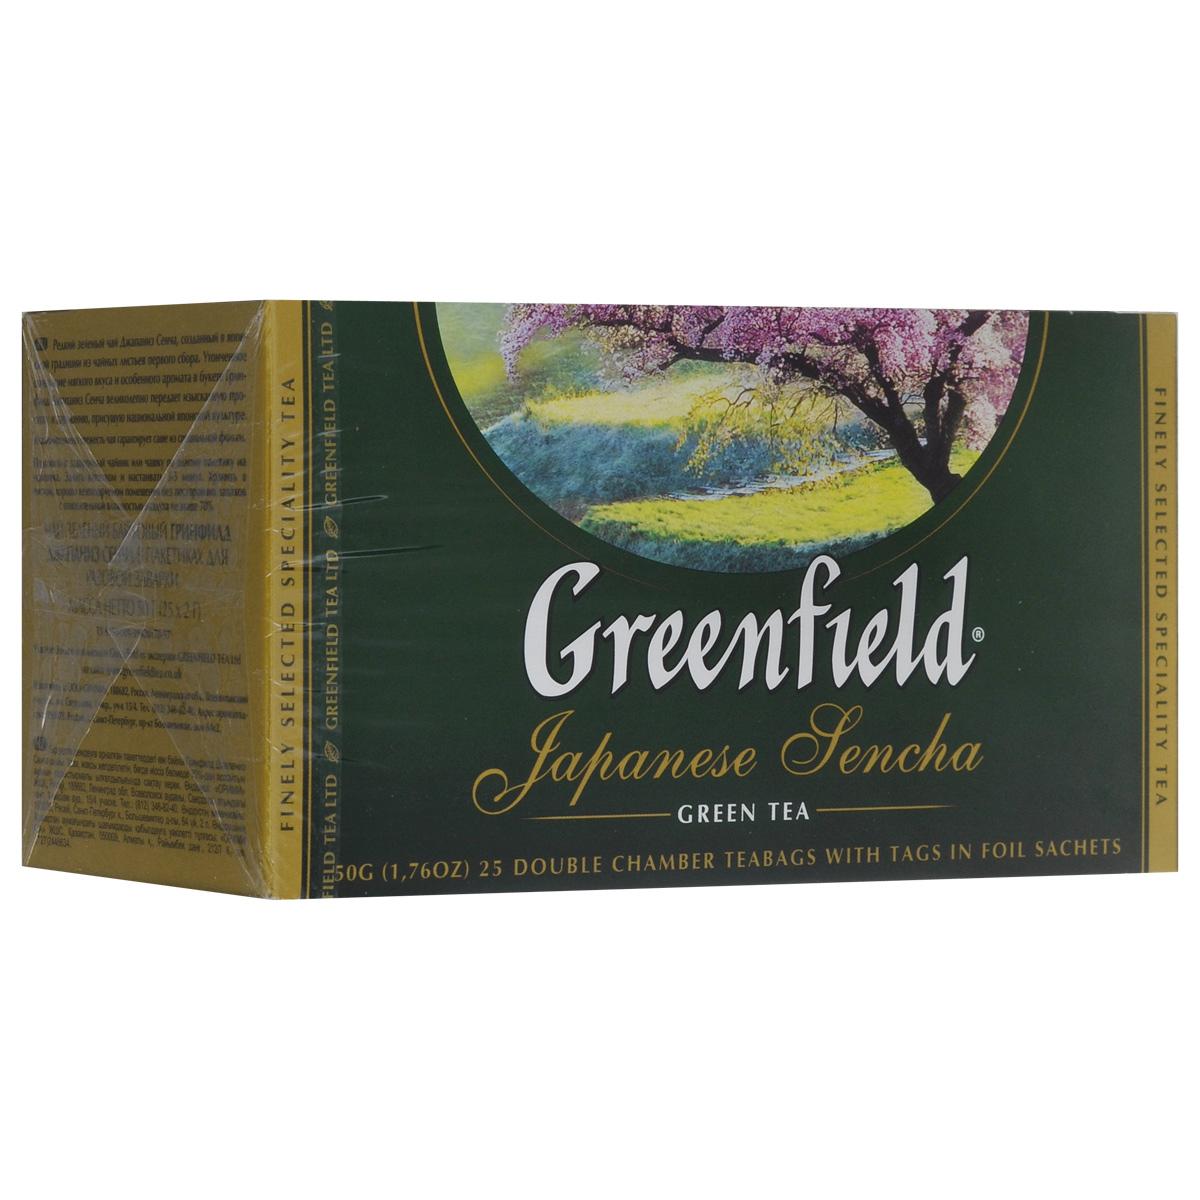 Greenfield Japanese Sencha зеленый чай в пакетиках, 25 шт0535-15Японский зеленый чай из провинции Фукуока. Изготавливается по особой технологии: на несколько дней перед сбором чайные кусты затеняют тростниковым или бамбуковым покрытием, чтобы усилить ароматические свойства чая. Собранные чайные листочки не сушат, как принято в других «чайных» странах, а обрабатывают паром и слегка сплющивают, поэтому на вид готовая сенча напоминает остренькие зеленые иголочки. А климатические условия страны, островное расположение плантаций, особенности почв, дают чаю самобытный сложный вкусовой букет. Джапаниз Сенча - необычный чай, в нем явно ощущается тонкий сливочный вкус и легкий аромат моря - так может пахнуть соленый прибой.